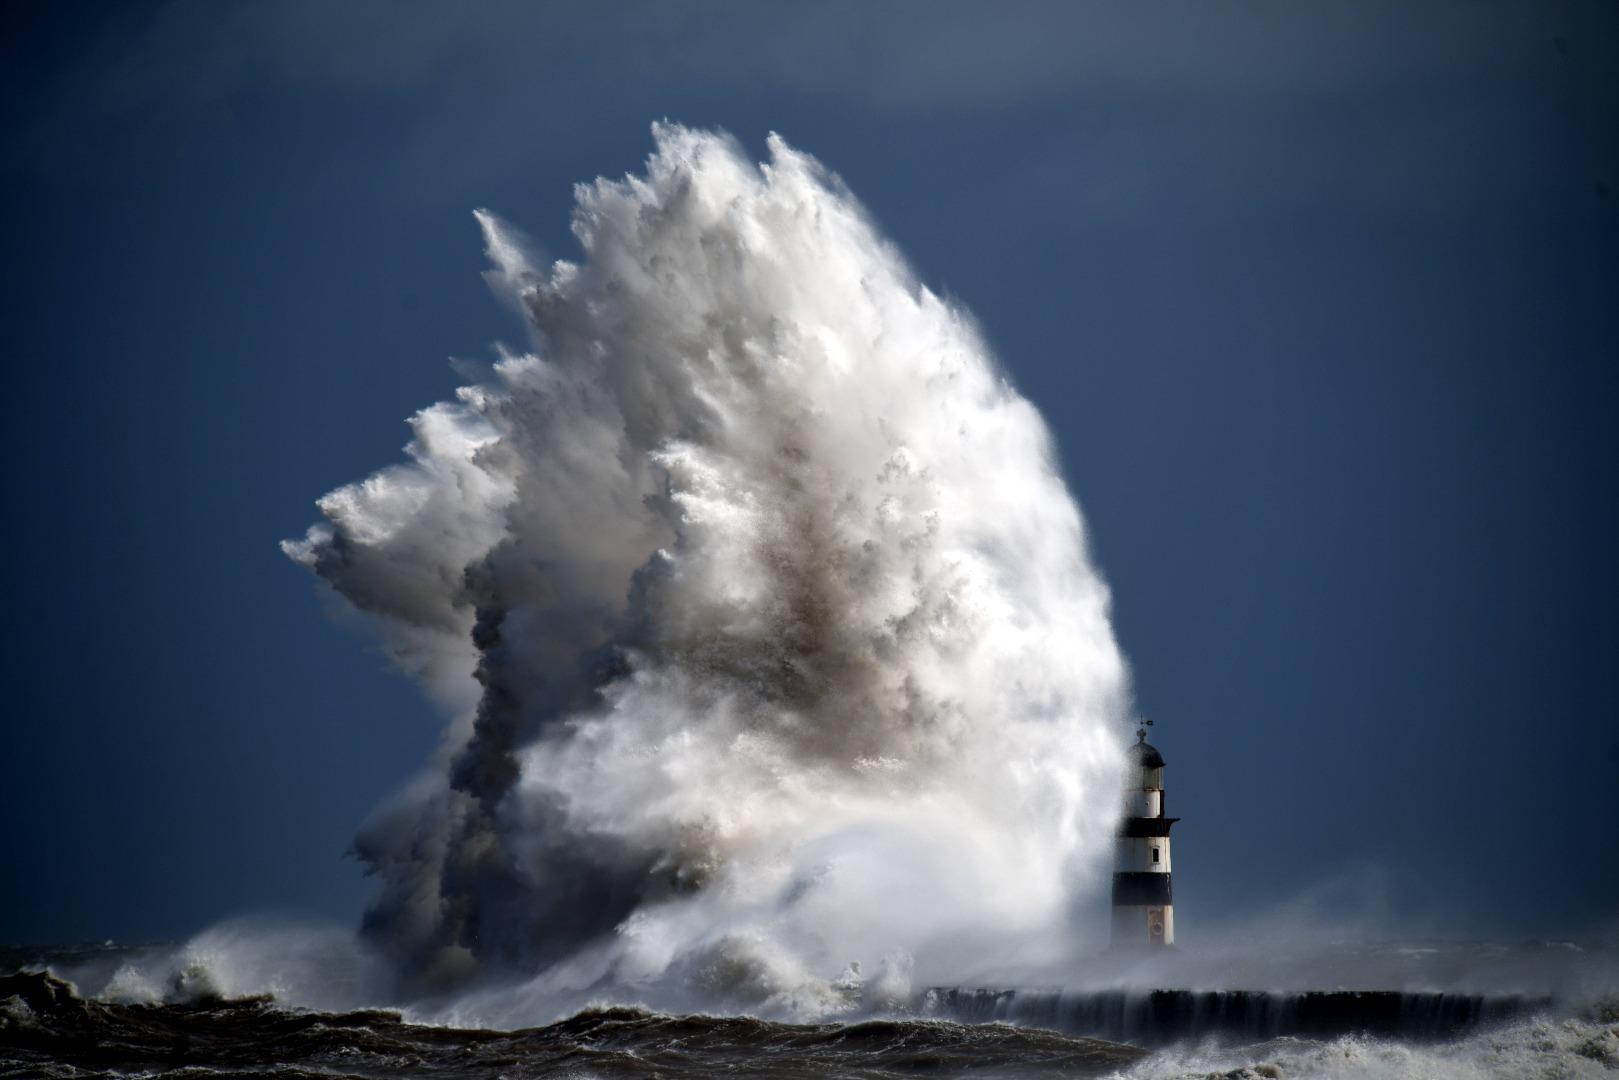 Шторм, наводнение, торнадо - победители престижного конкурса фотографий природных катаклизмов